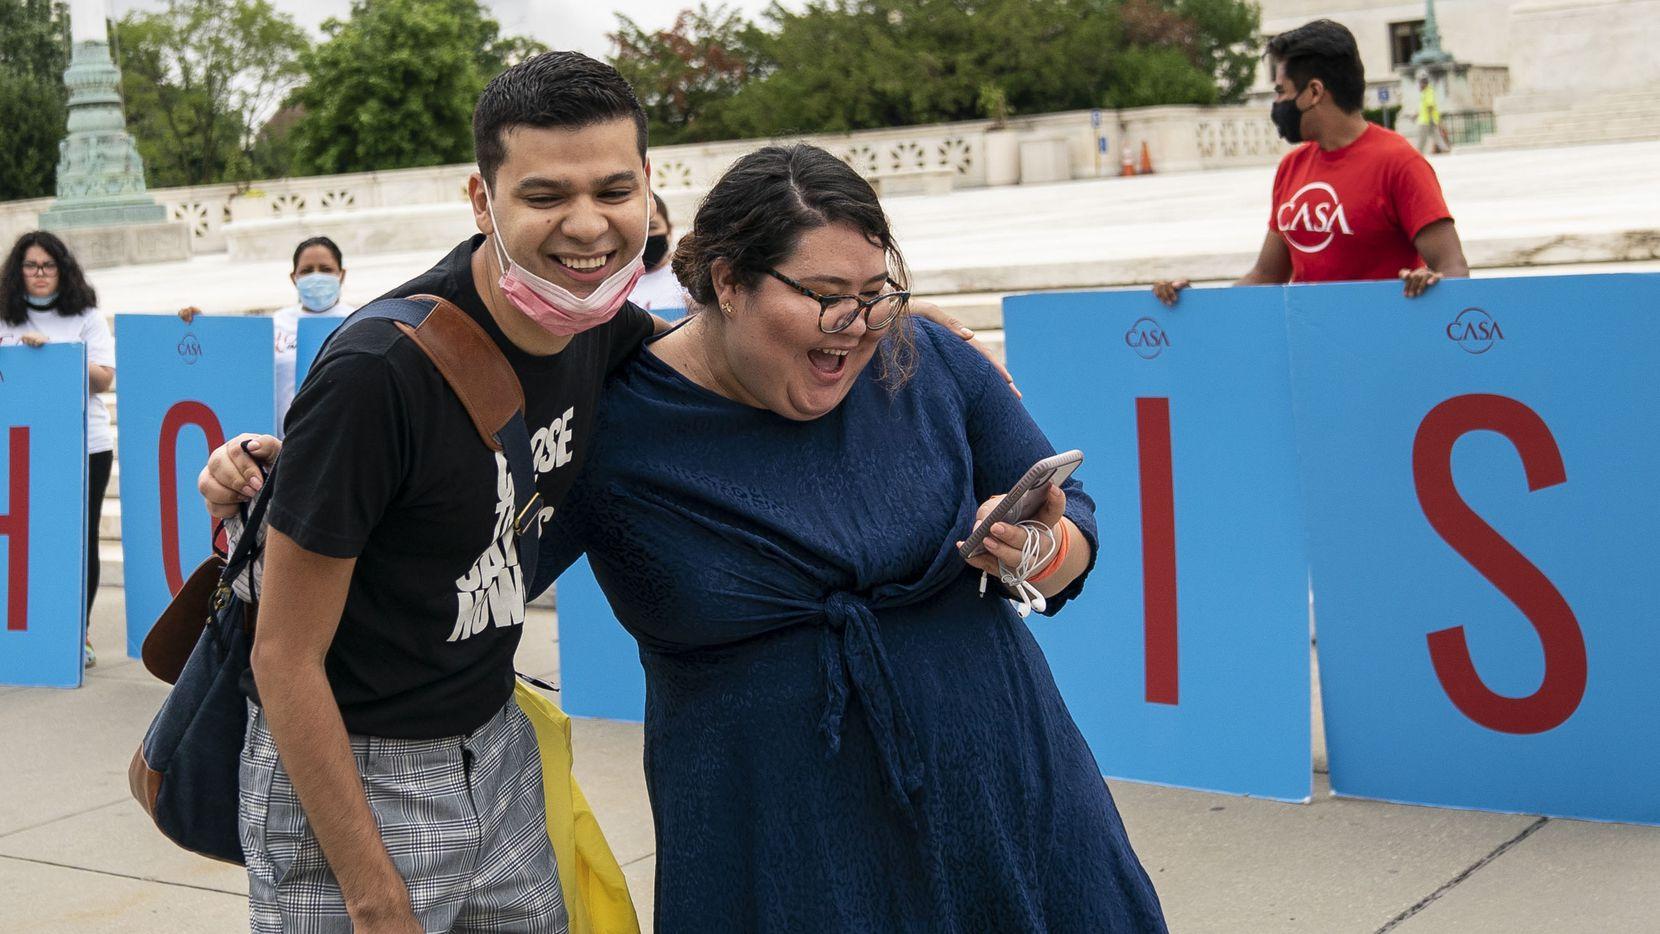 Greisa Martinez, creció como indocumentada en Dallas y ahora dirige United We Dream, una de las principales organizaciones de dreamers que impulsan la vigencia del programa DACA.